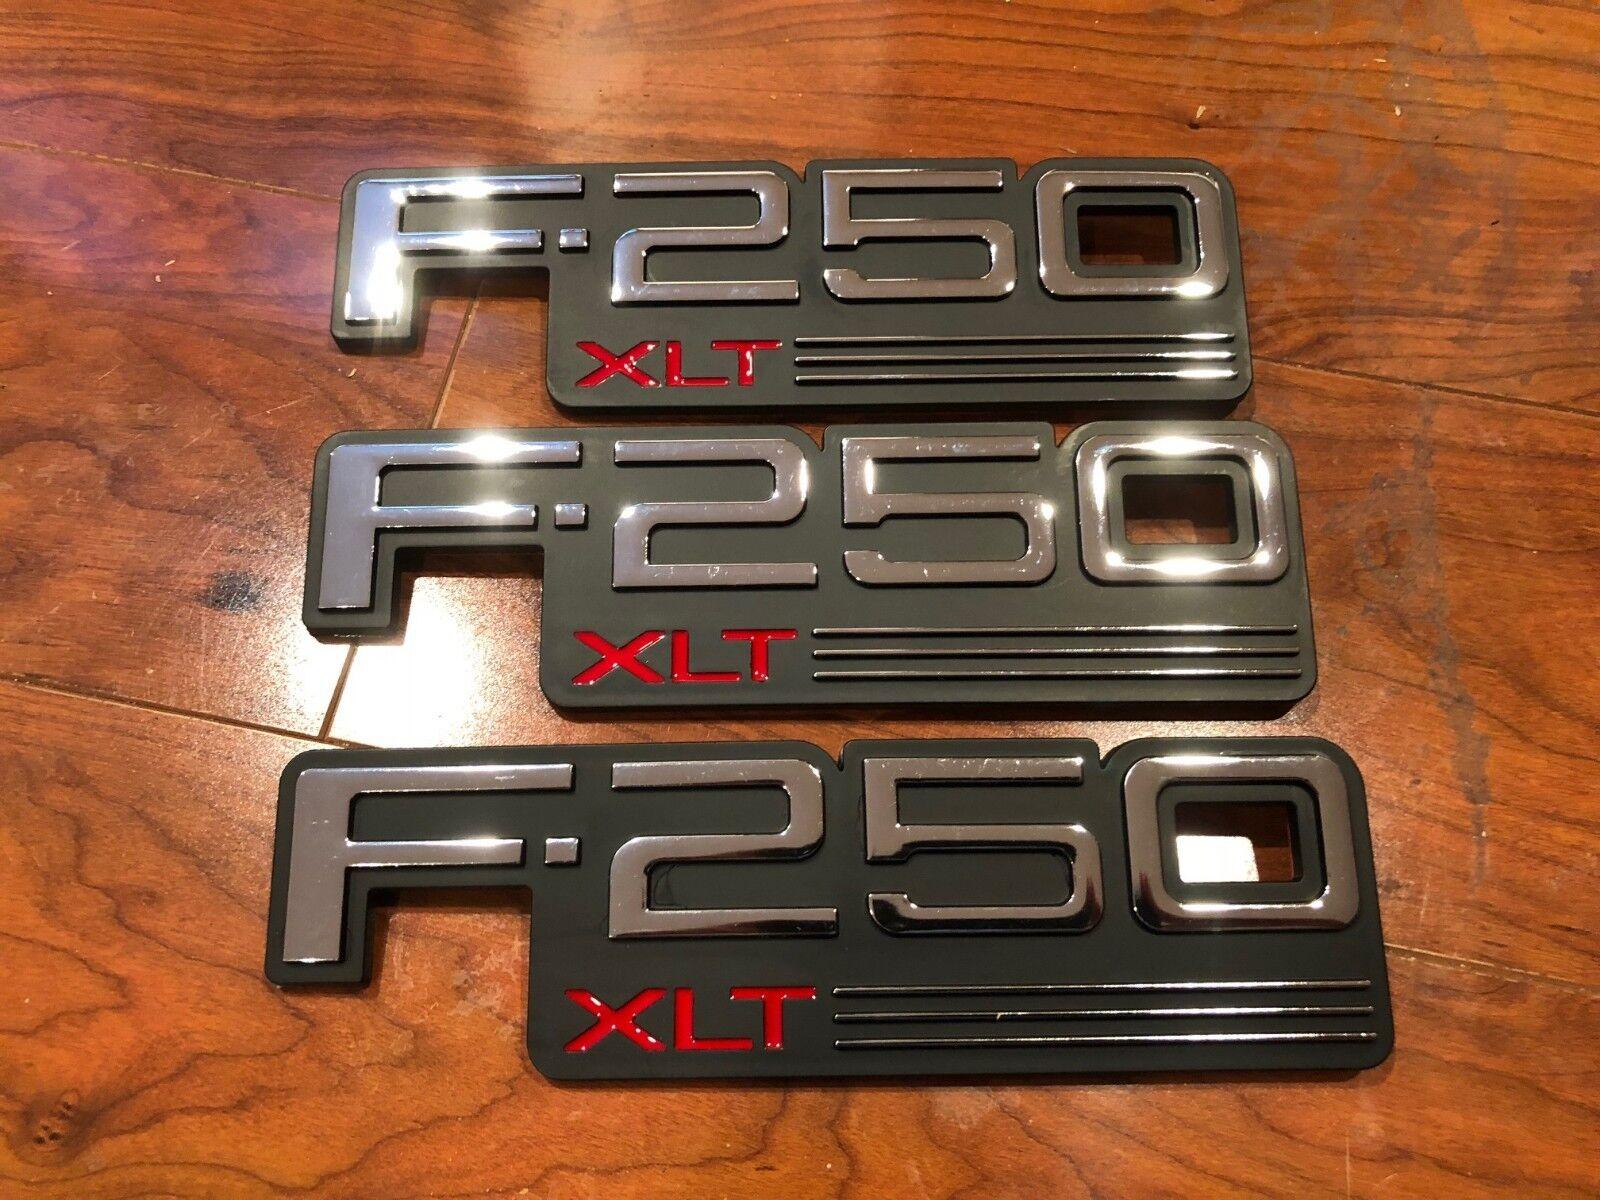 NEW 1992 1993 1994 1995 1996 1997 FORD F250 XLT FENDER EMBLEMS F2TZ-16720-F 3X